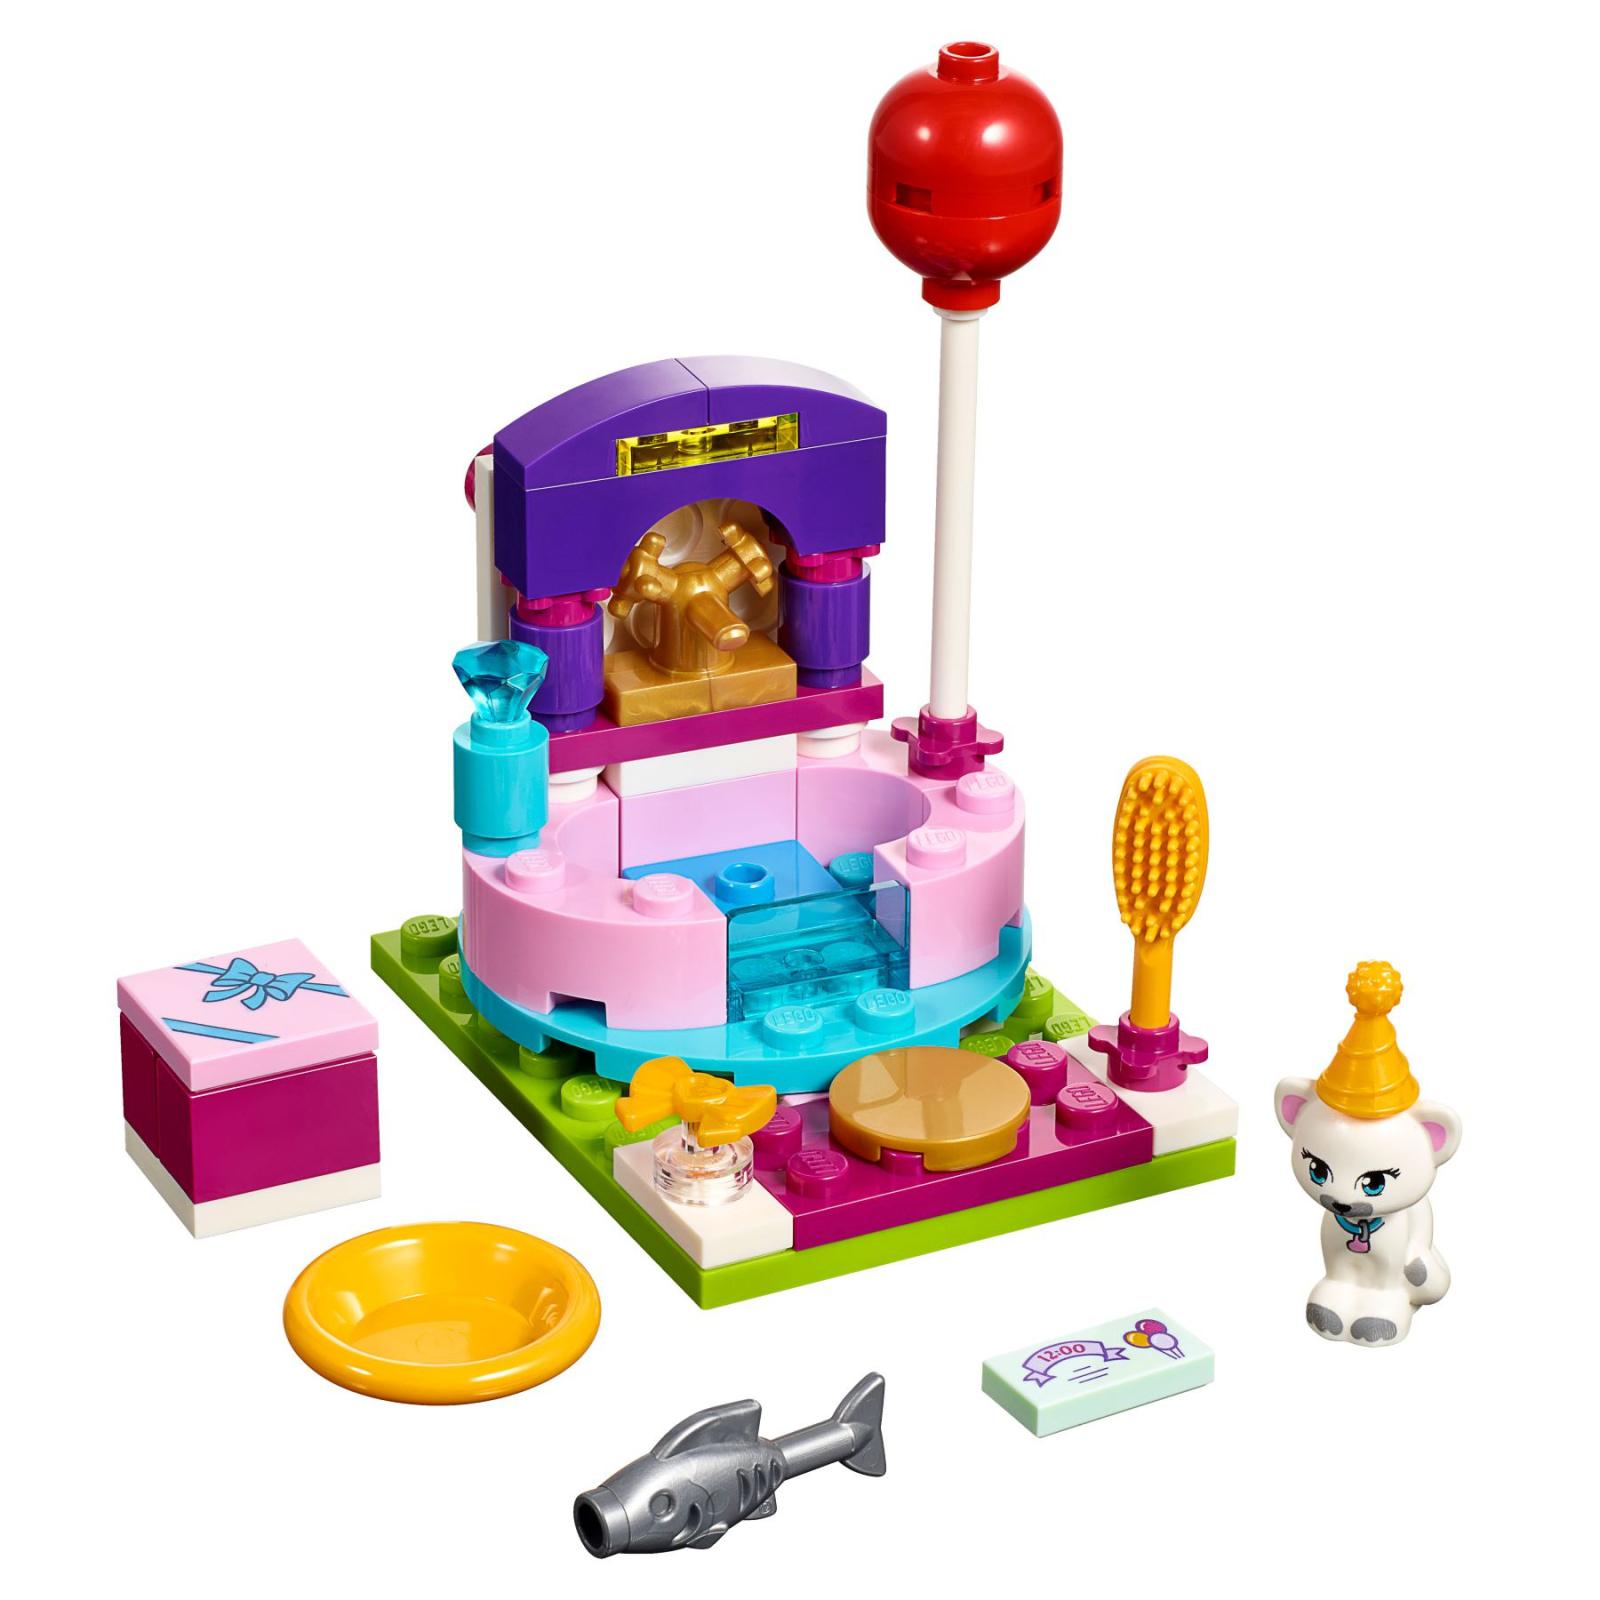 Конструктор LEGO Friends День рождения: салон красоты (41114) изображение 2